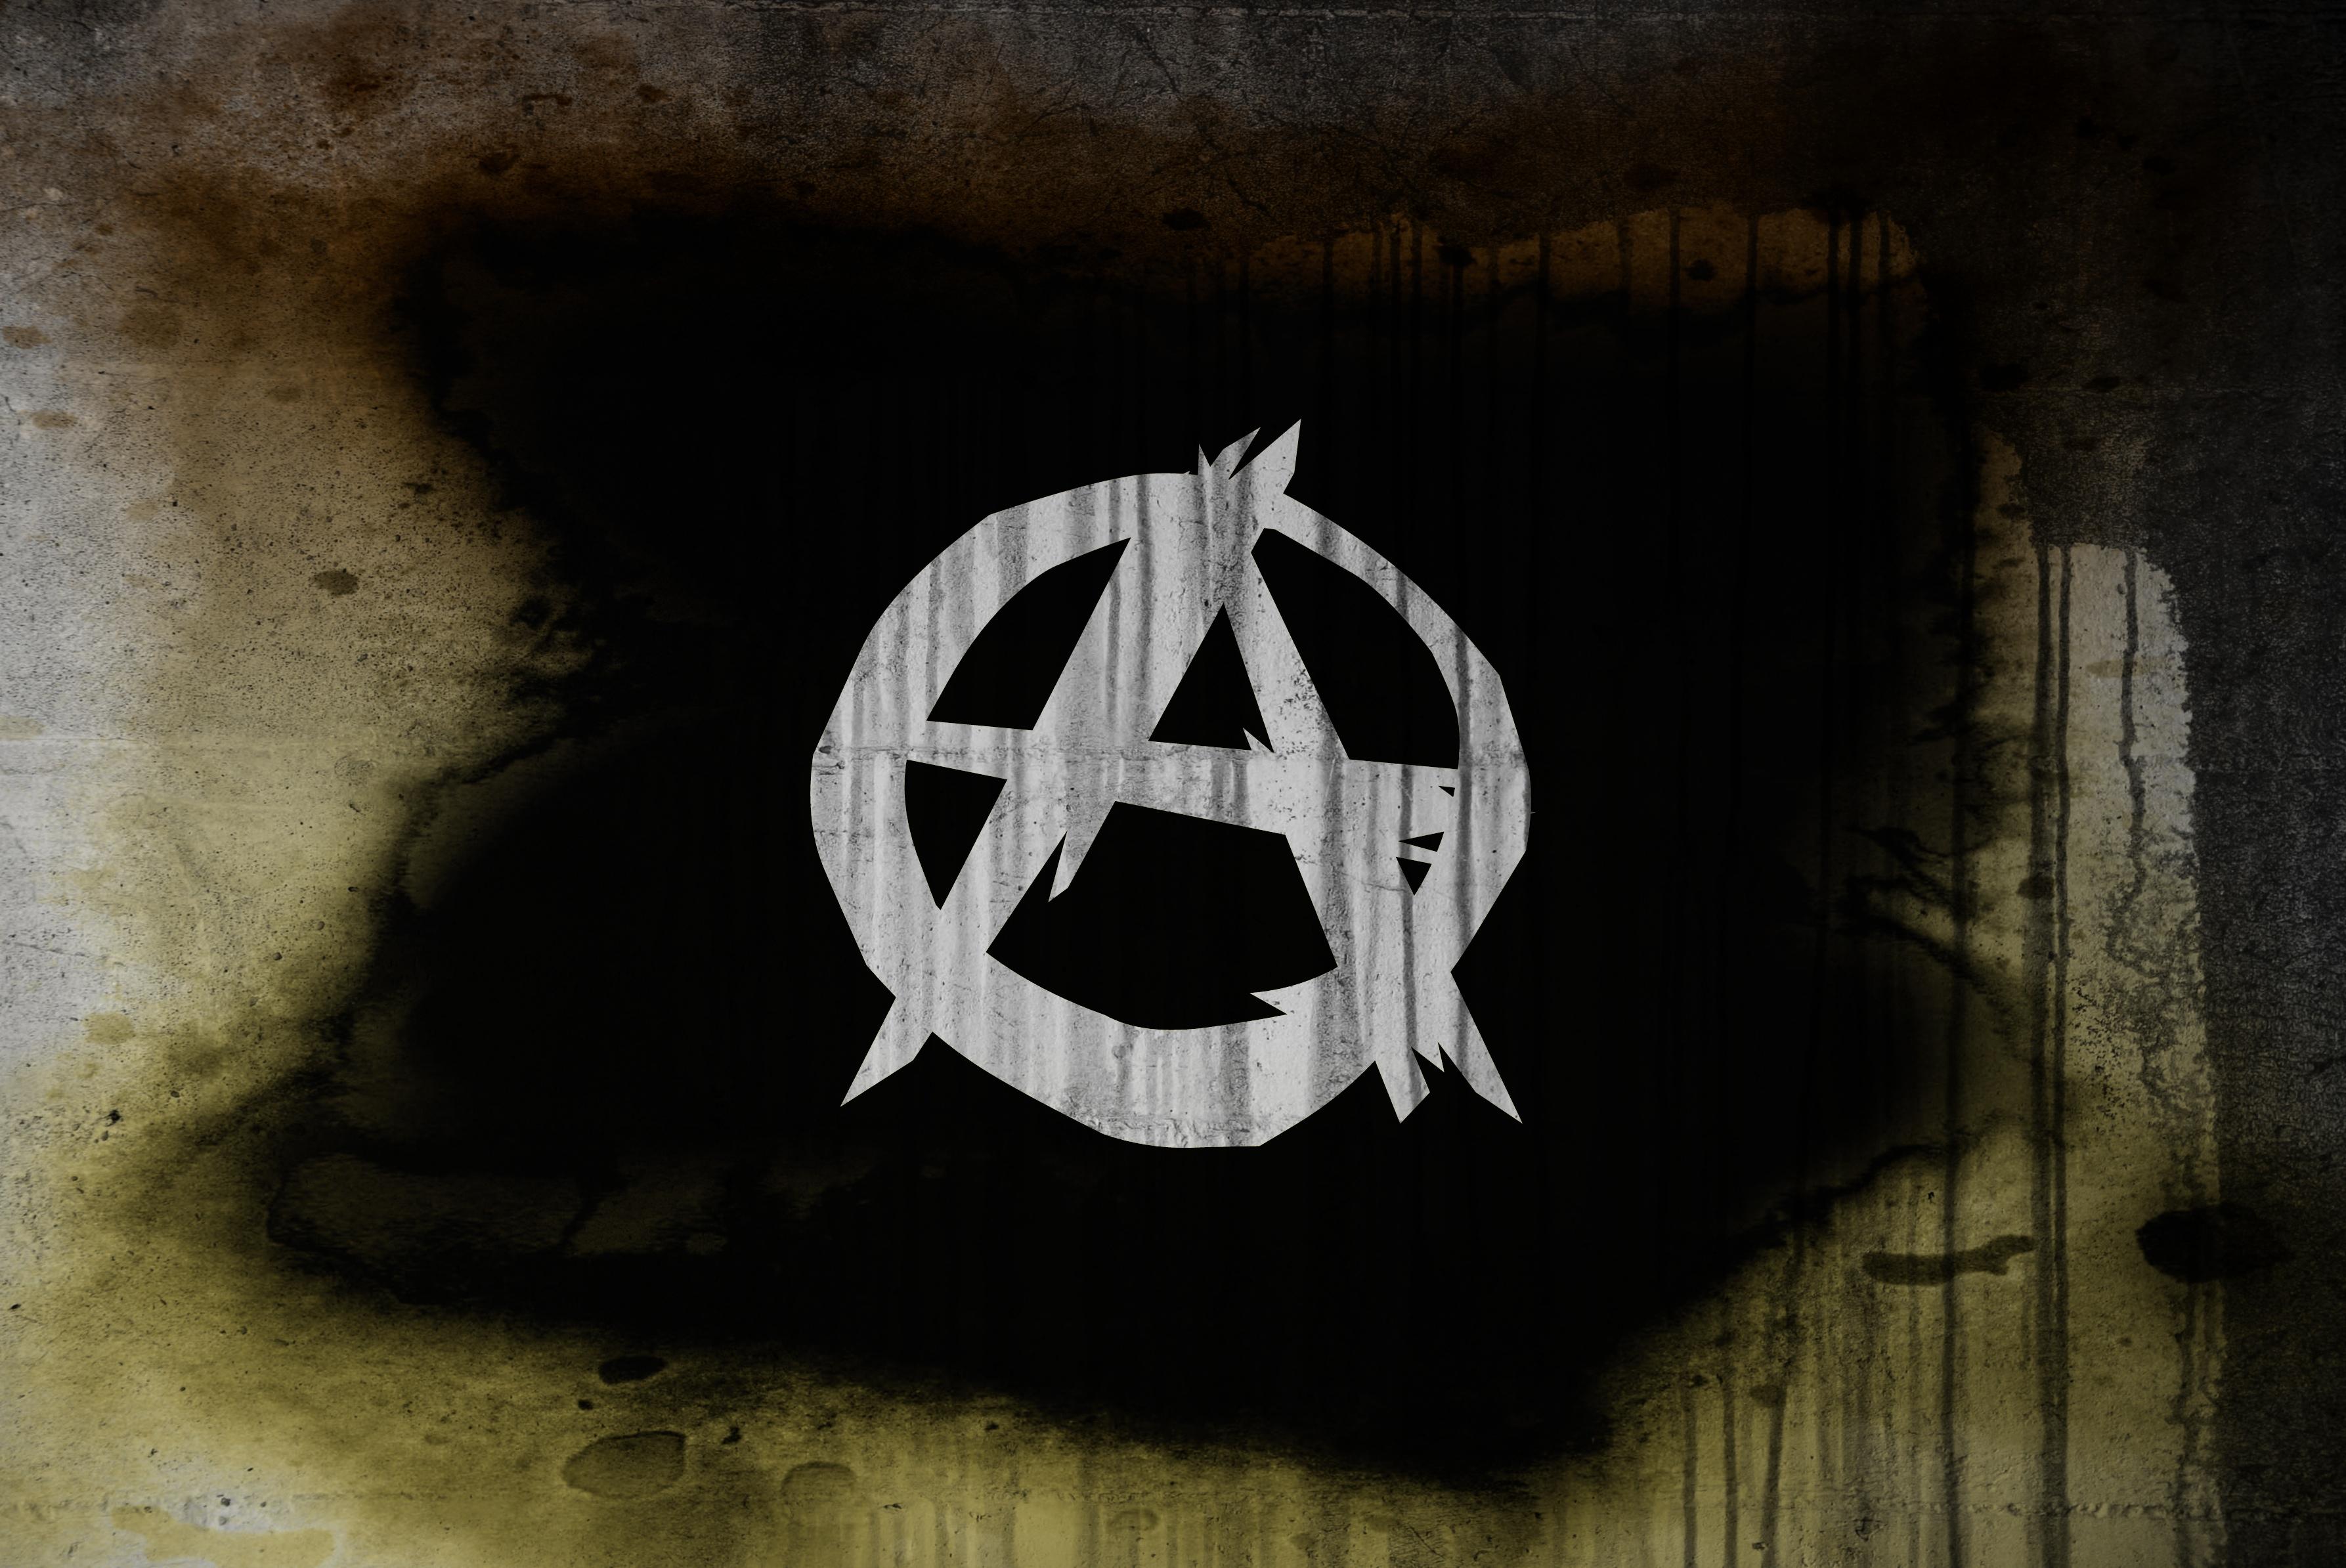 Anarchist wallpapers wallpapersafari - Soa wallpaper iphone ...